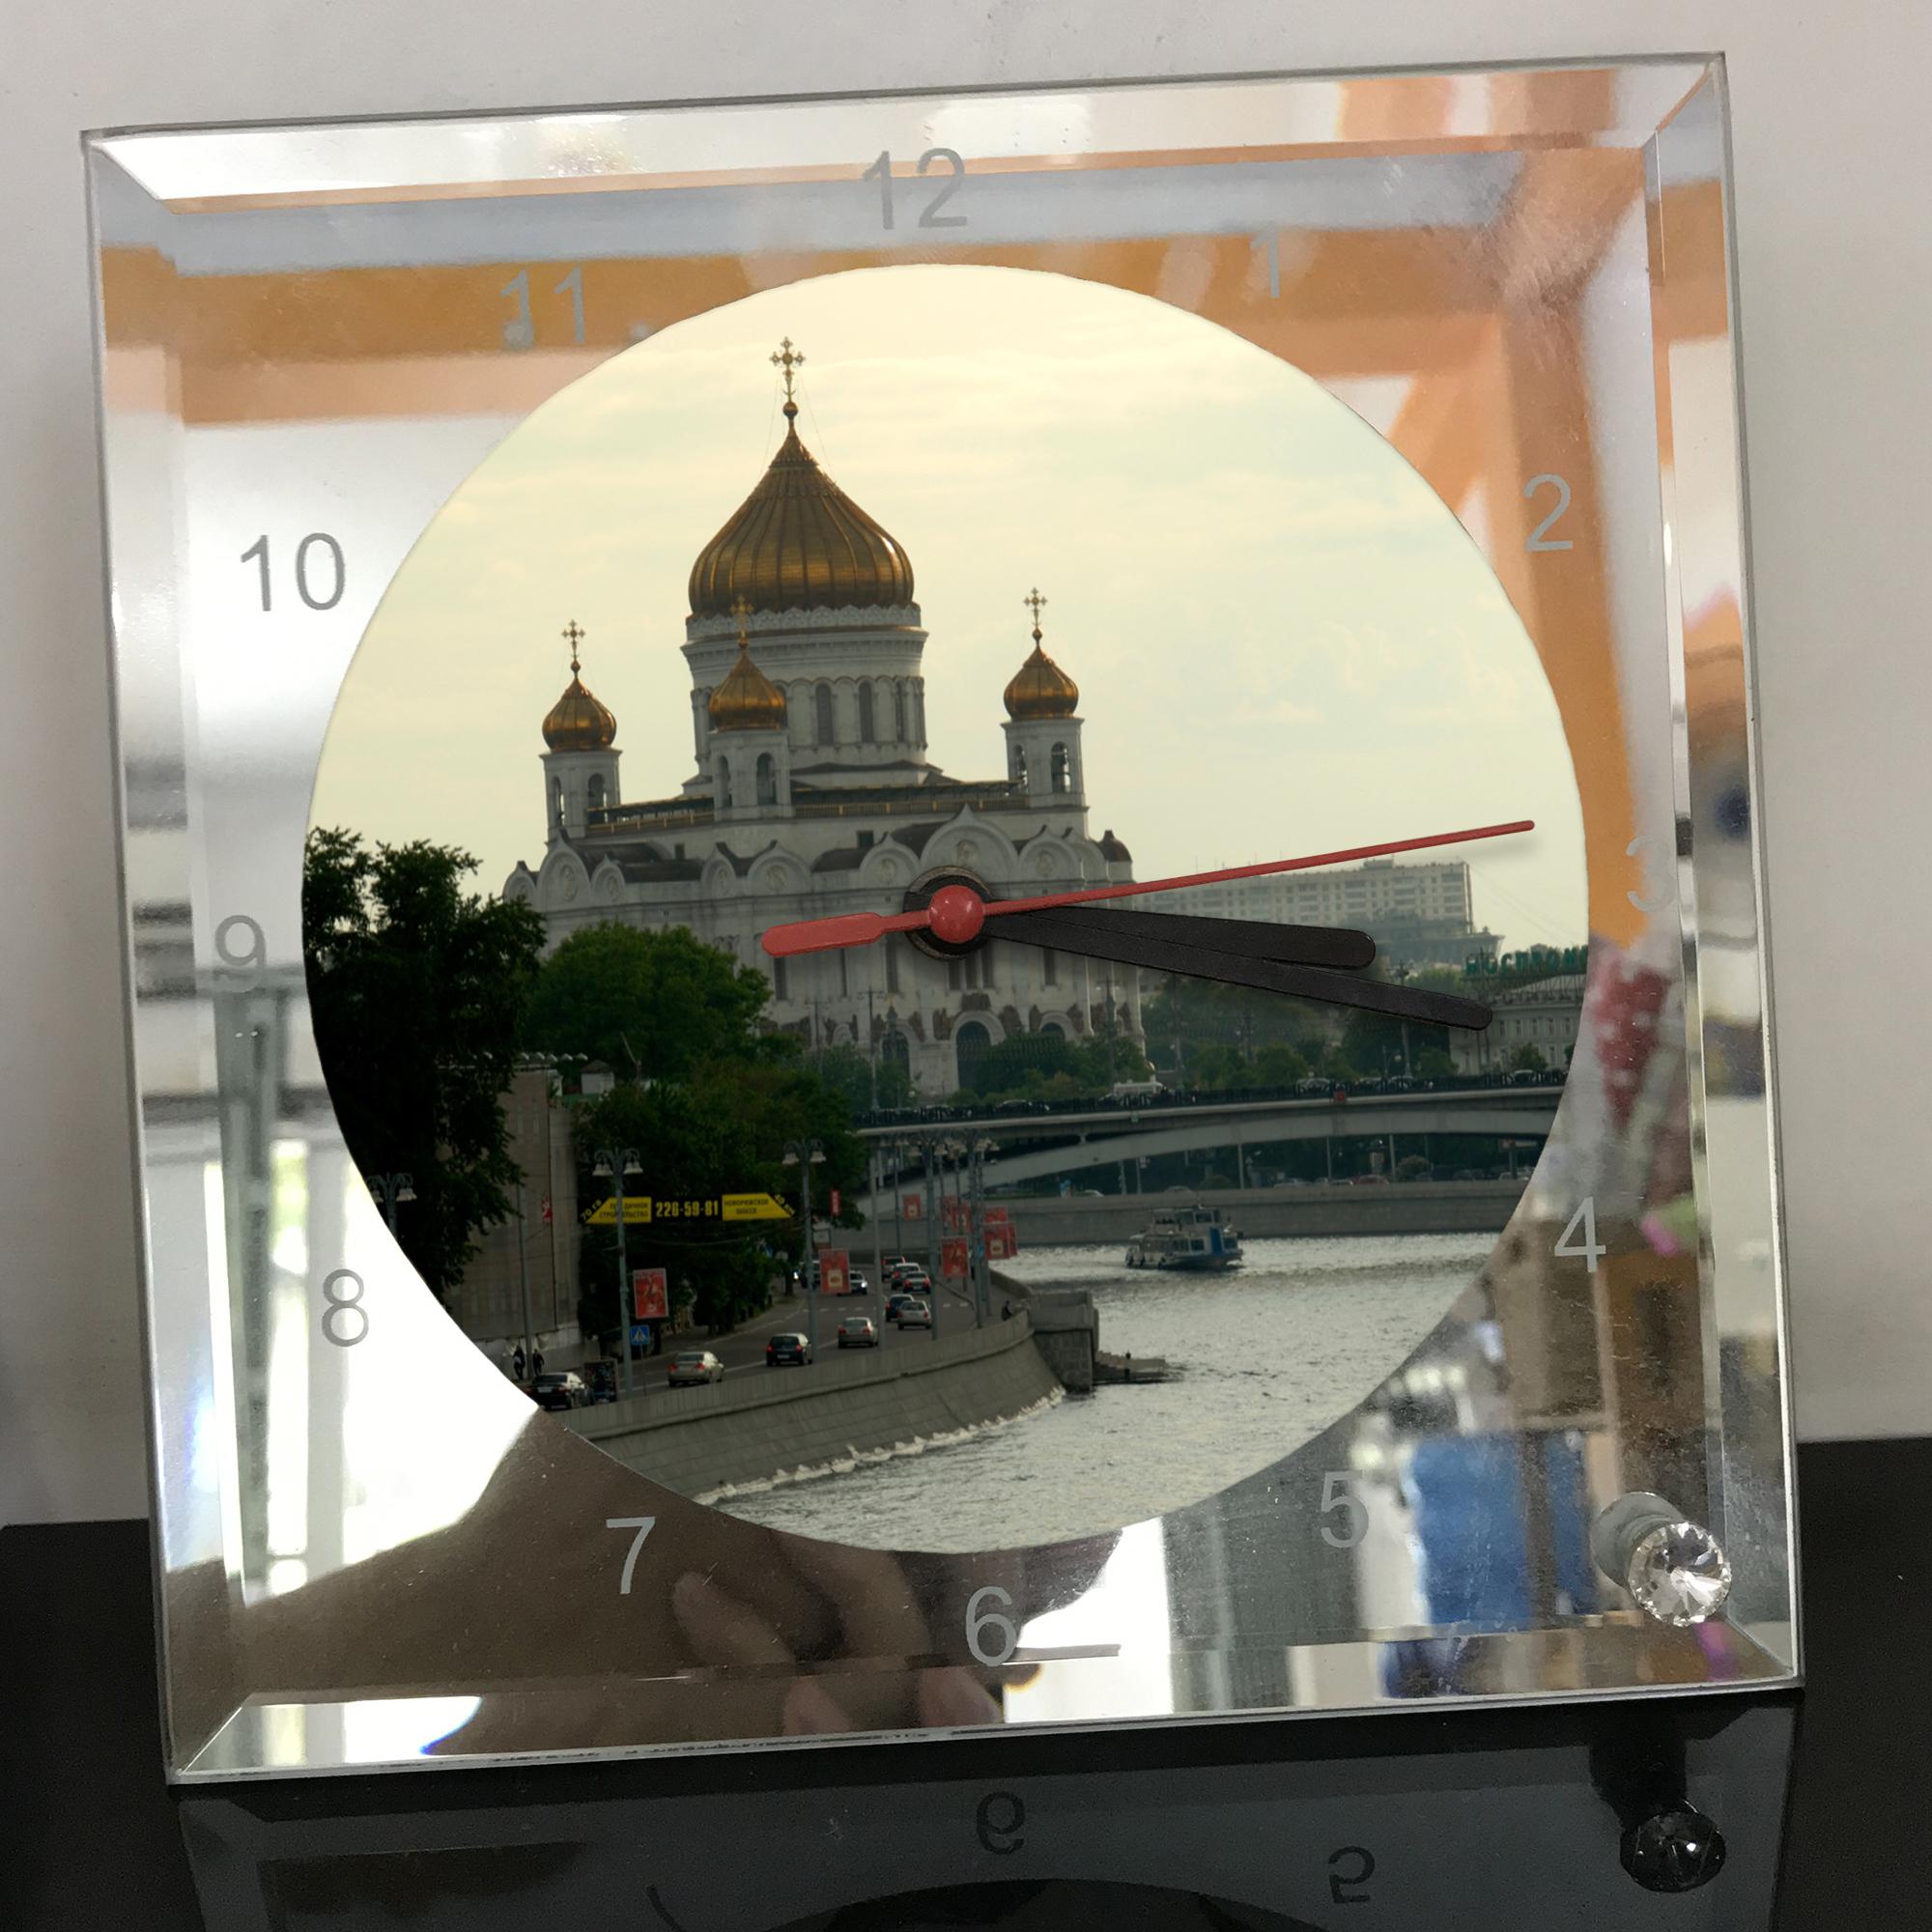 Đồng hồ thủy tinh vuông 20x20 in hình Cathedral Of Christ the saviour (13) . Đồng hồ thủy tinh để bàn trang trí đẹp chủ đề tôn giáo